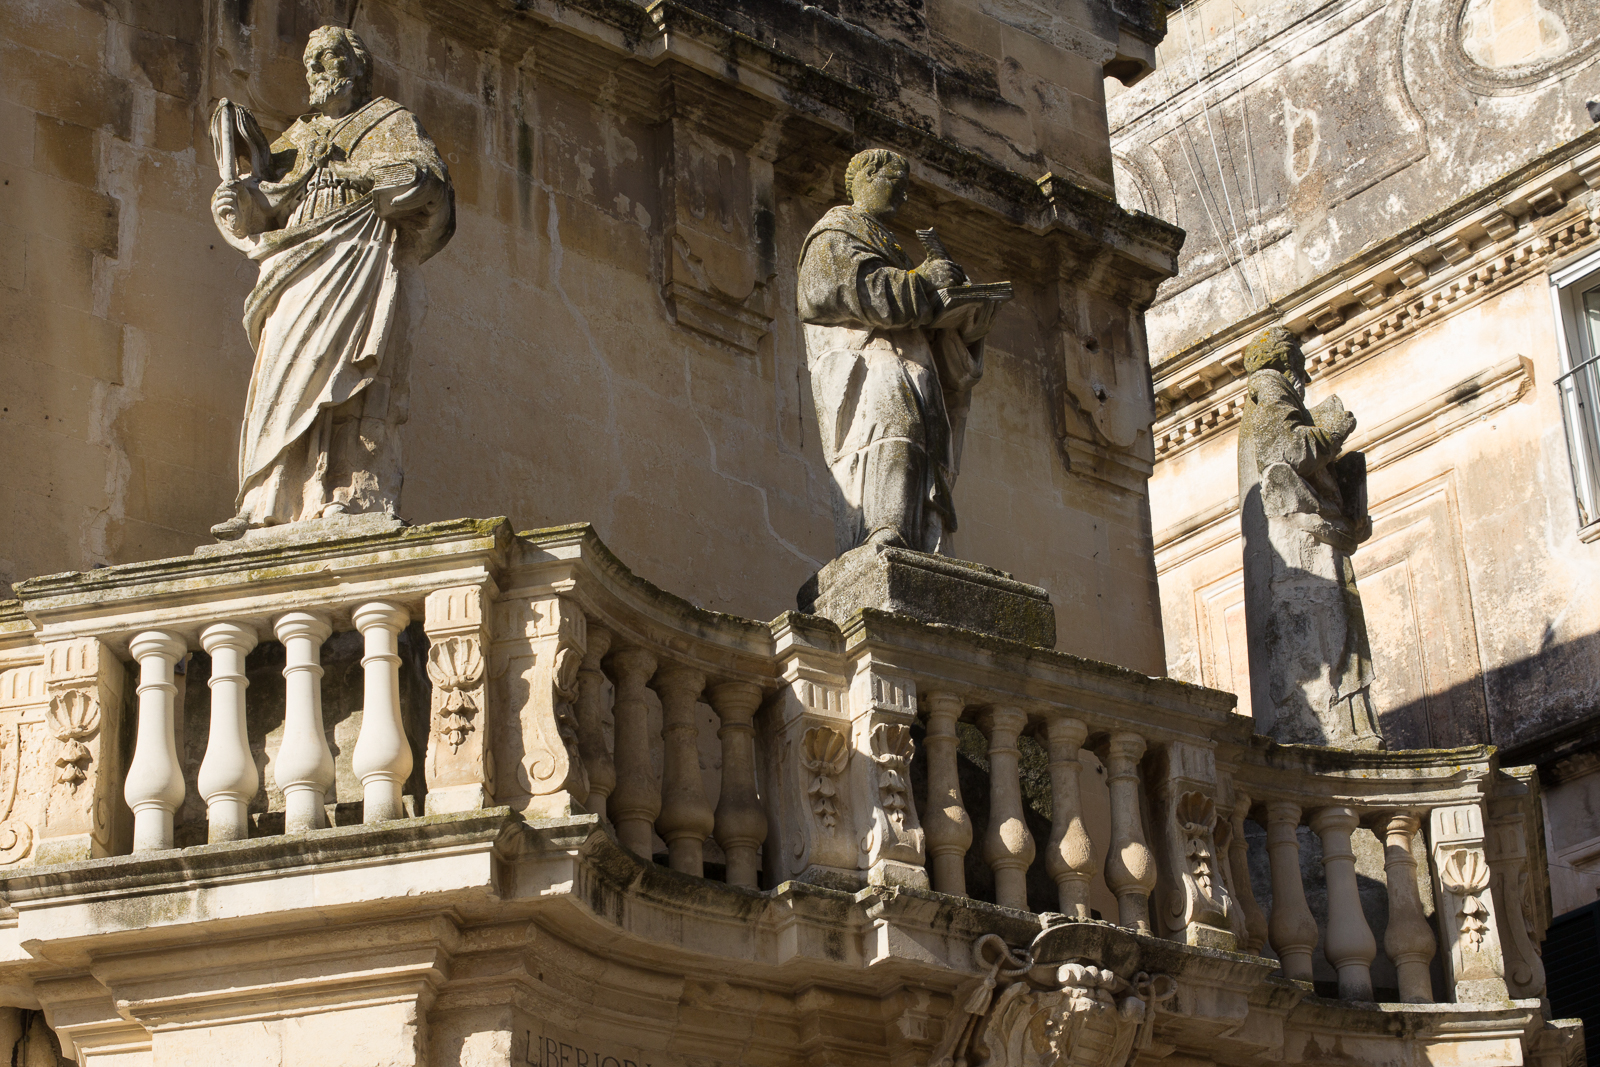 Balcony (Piazza del Duomo)